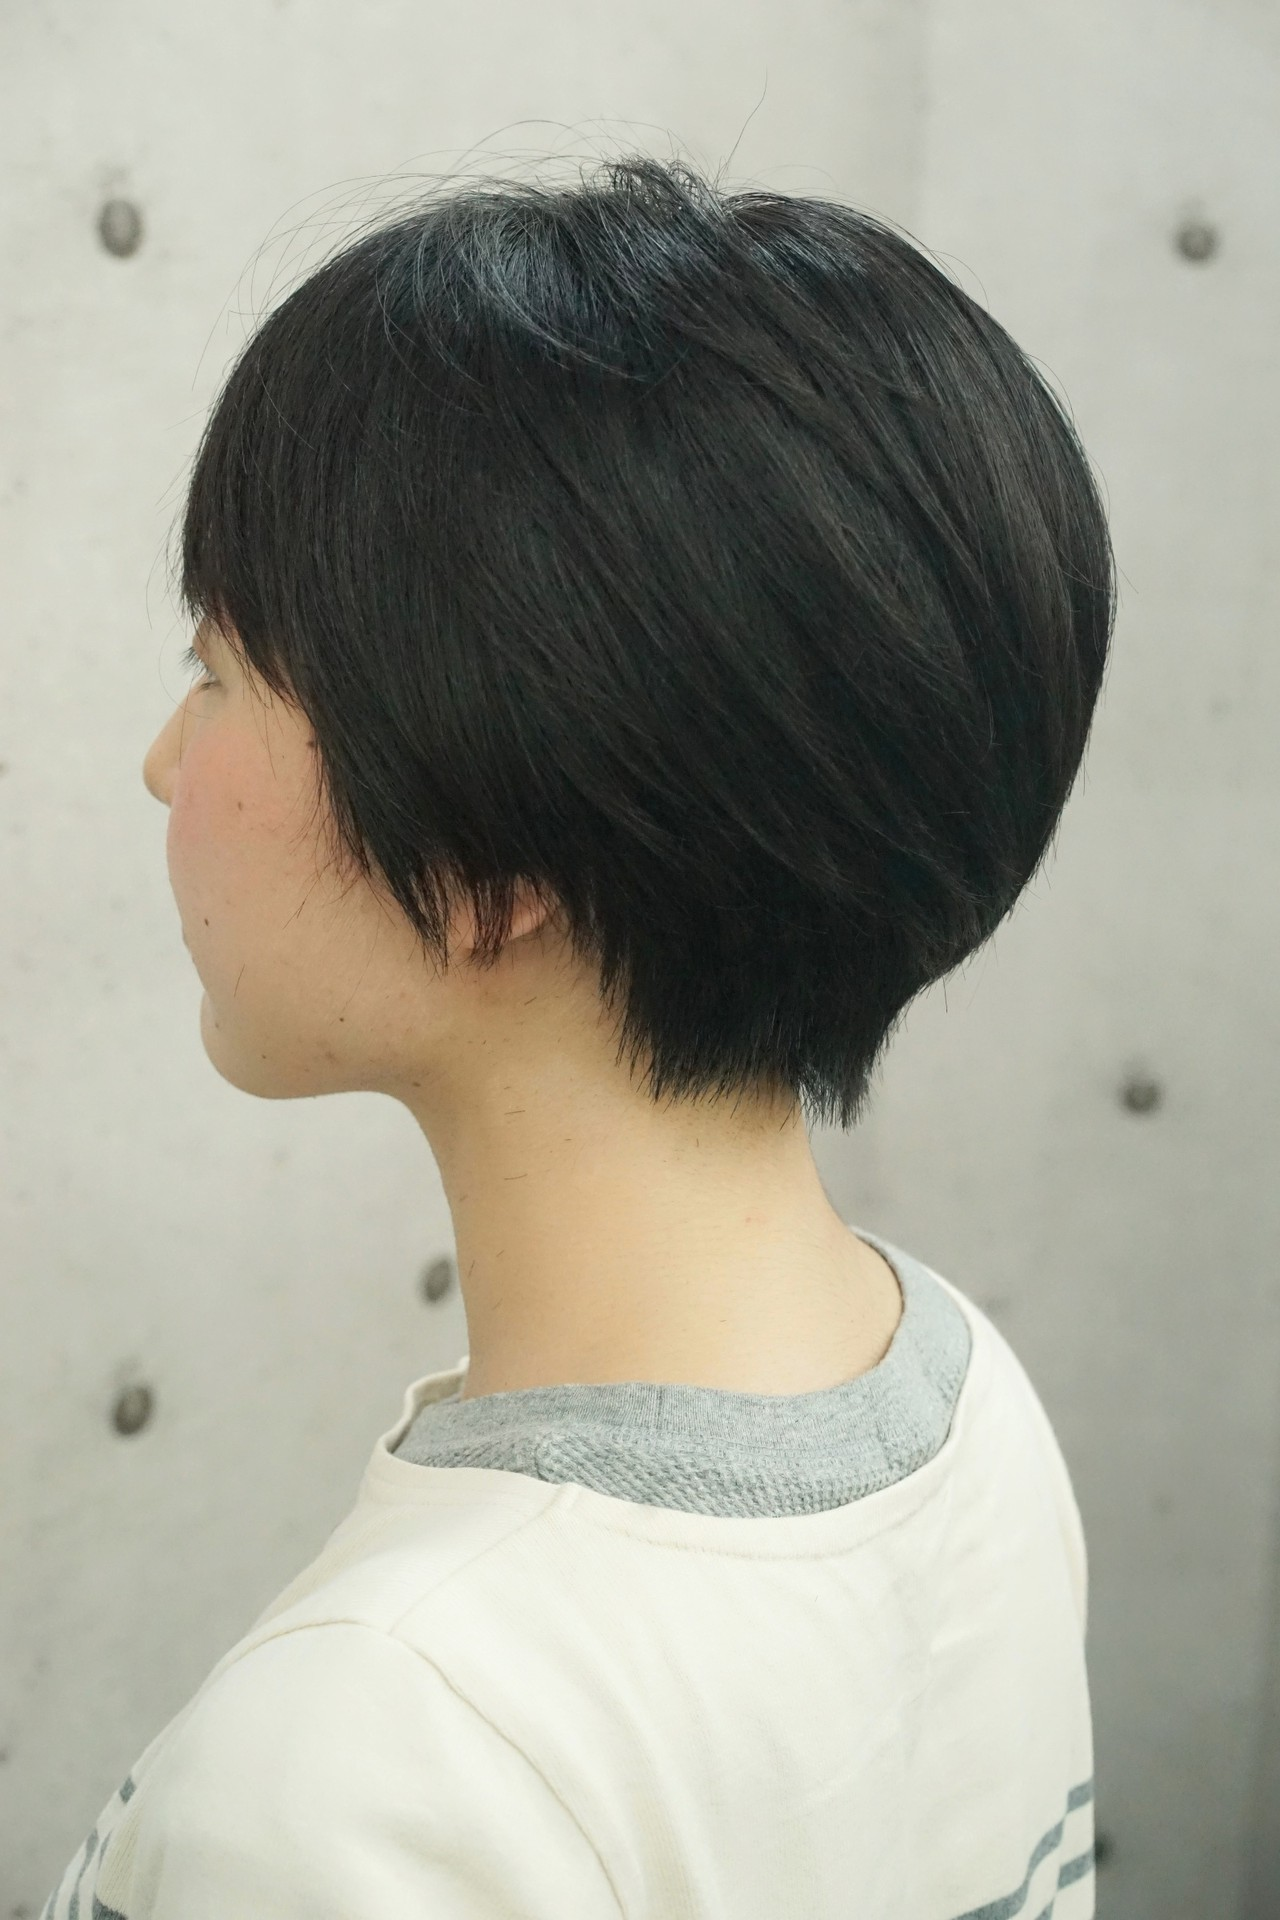 ショートボブ ショート 大人ヘアスタイル かっこいい ヘアスタイルや髪型の写真・画像